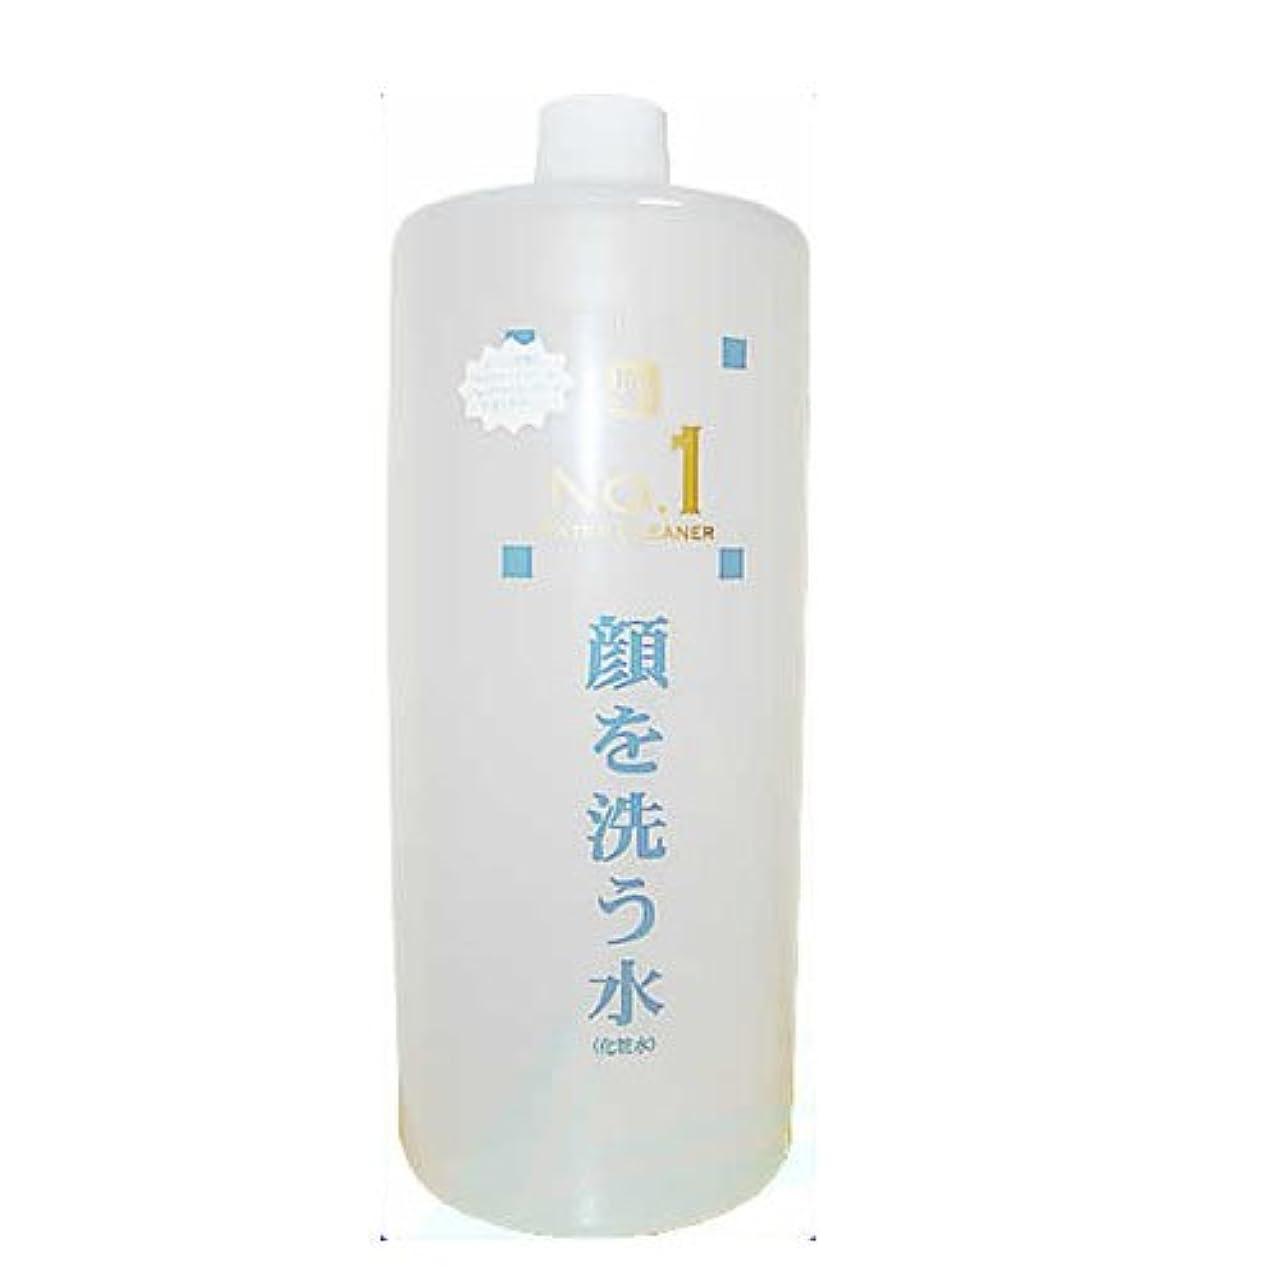 優先権旋律的自発顔を洗う水シリーズ No.1 1000ml